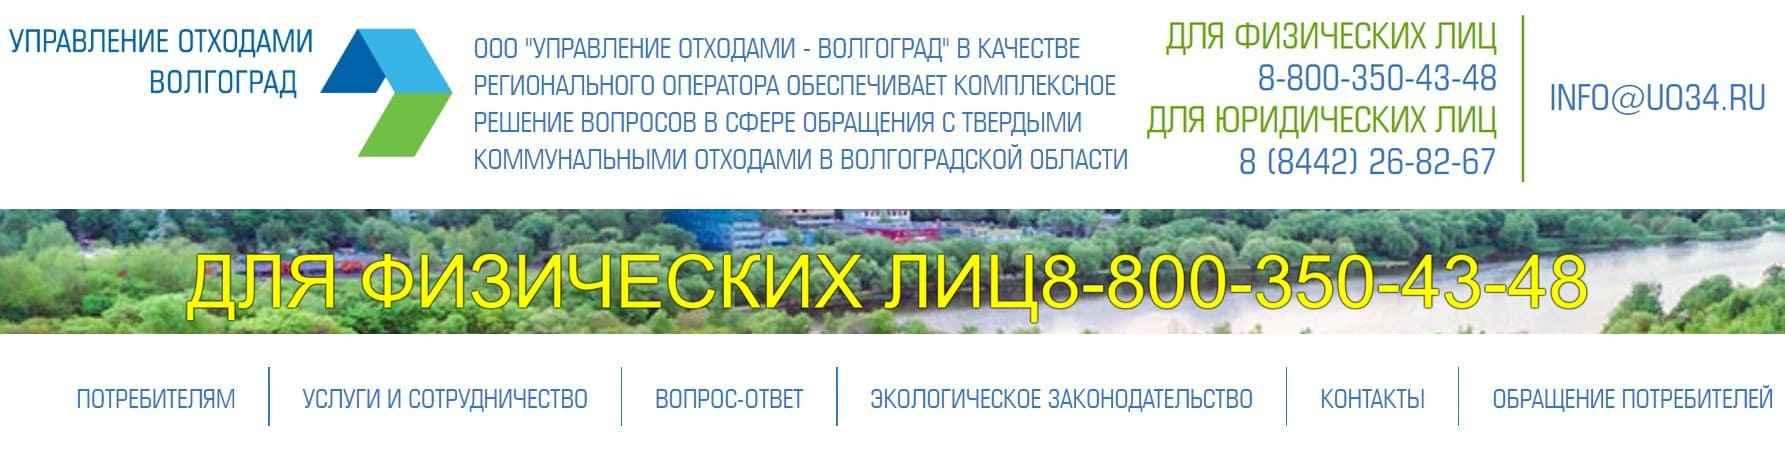 ООО Управление отходами Волгоград личный кабинет